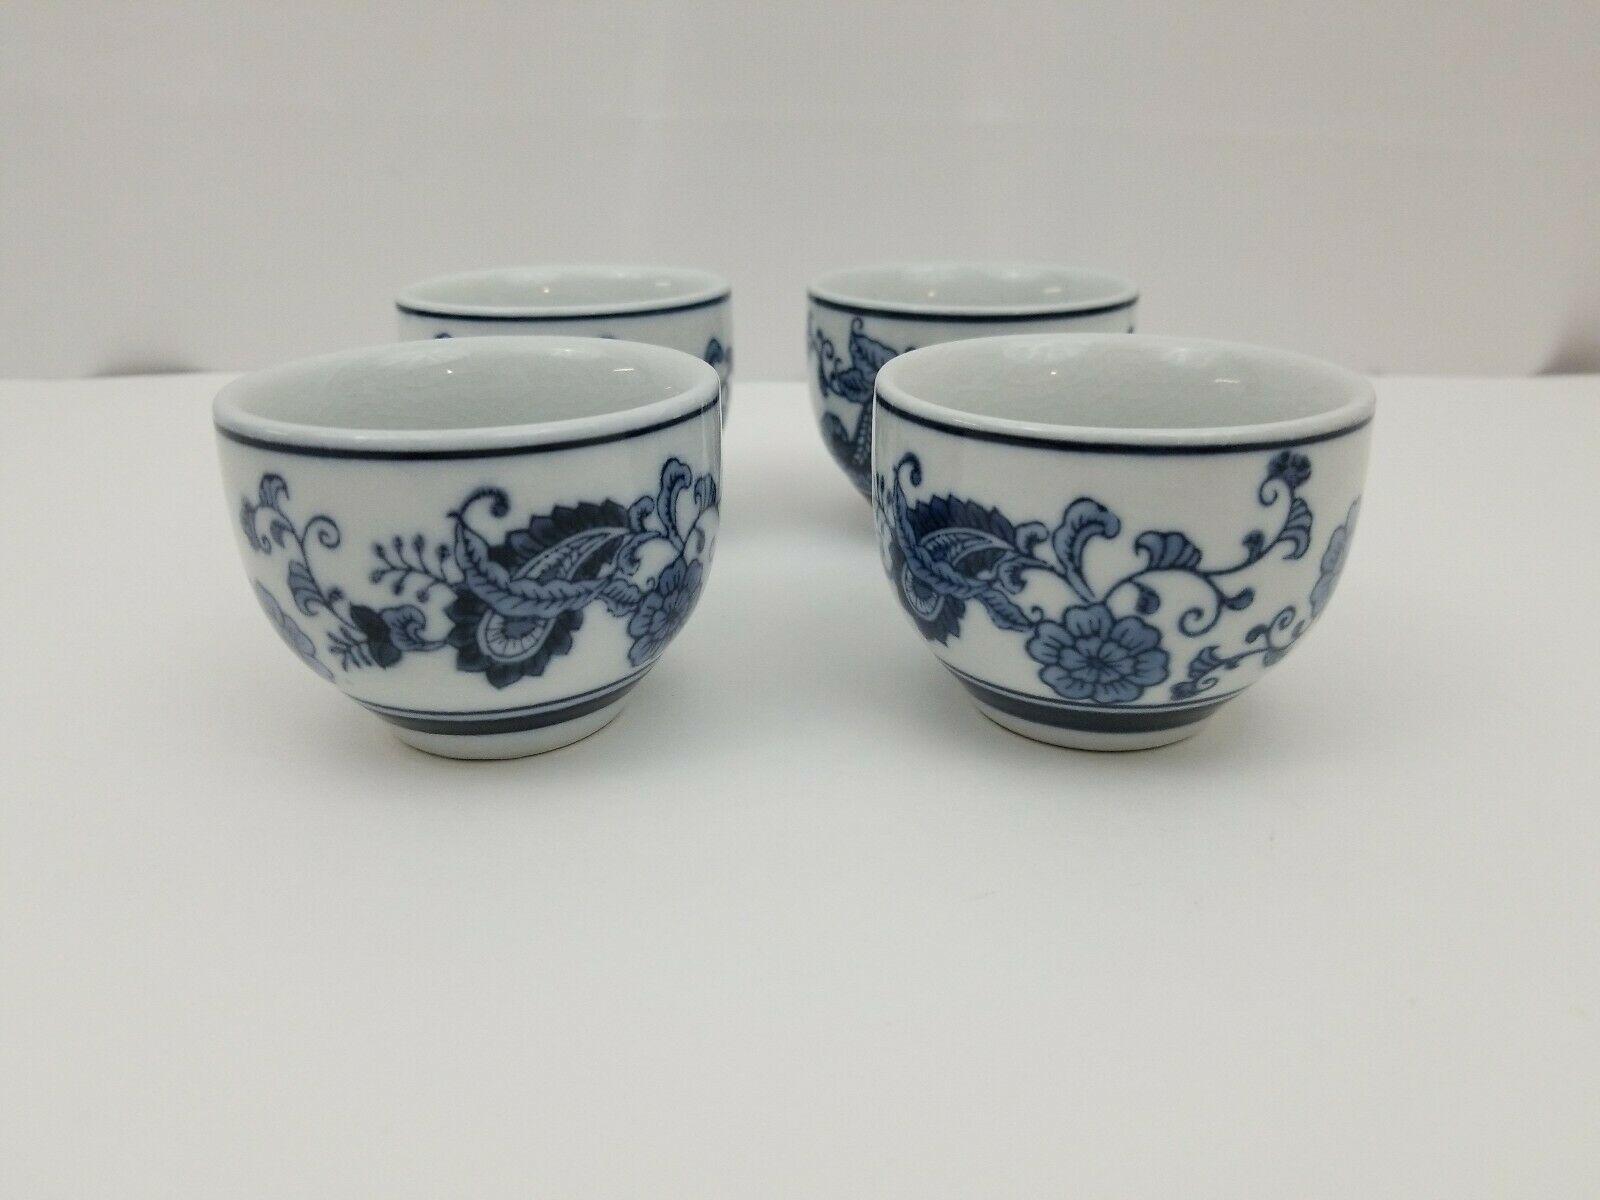 Pier 1 Imports Porcelain Tea Cups Sake Set of 4 White Blue Floral Dish Safe image 3